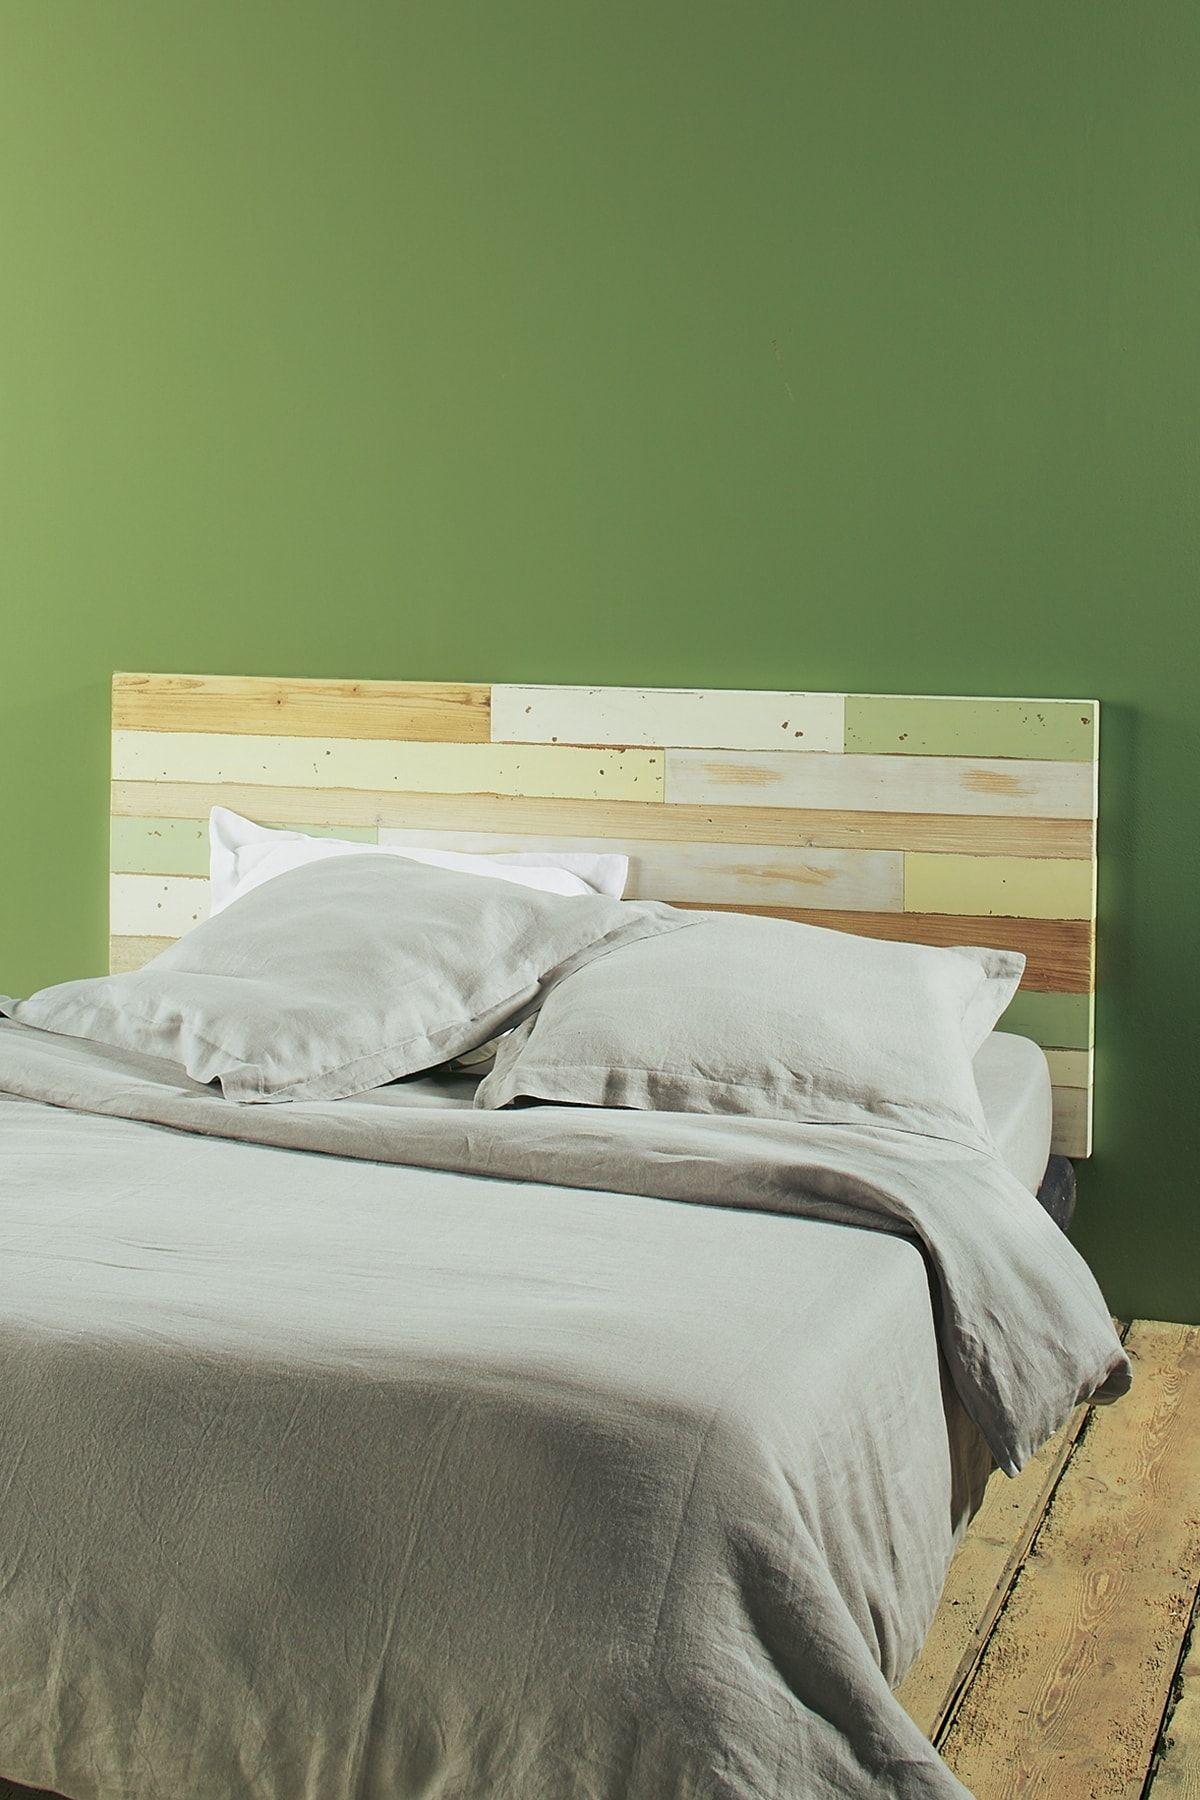 Fabriquer Tete De Lit Planche Bois fabriquer une tete de lit en bois flotte : tete de lit en